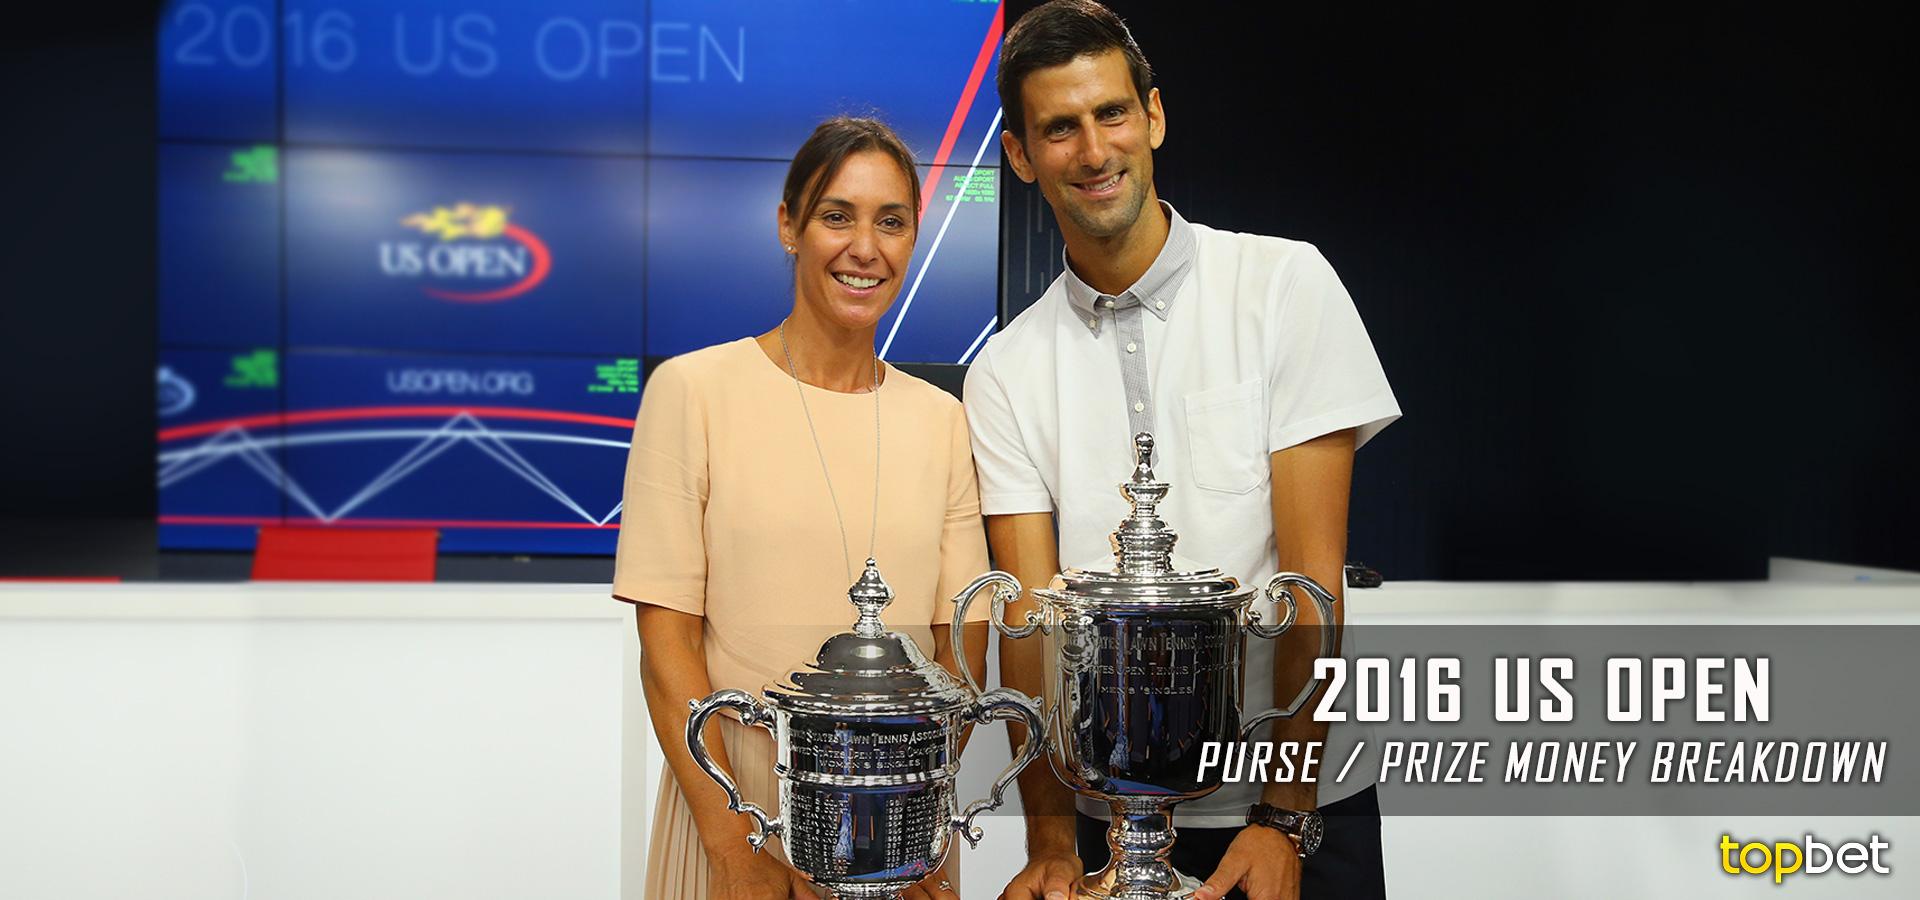 Us open tennis prizes